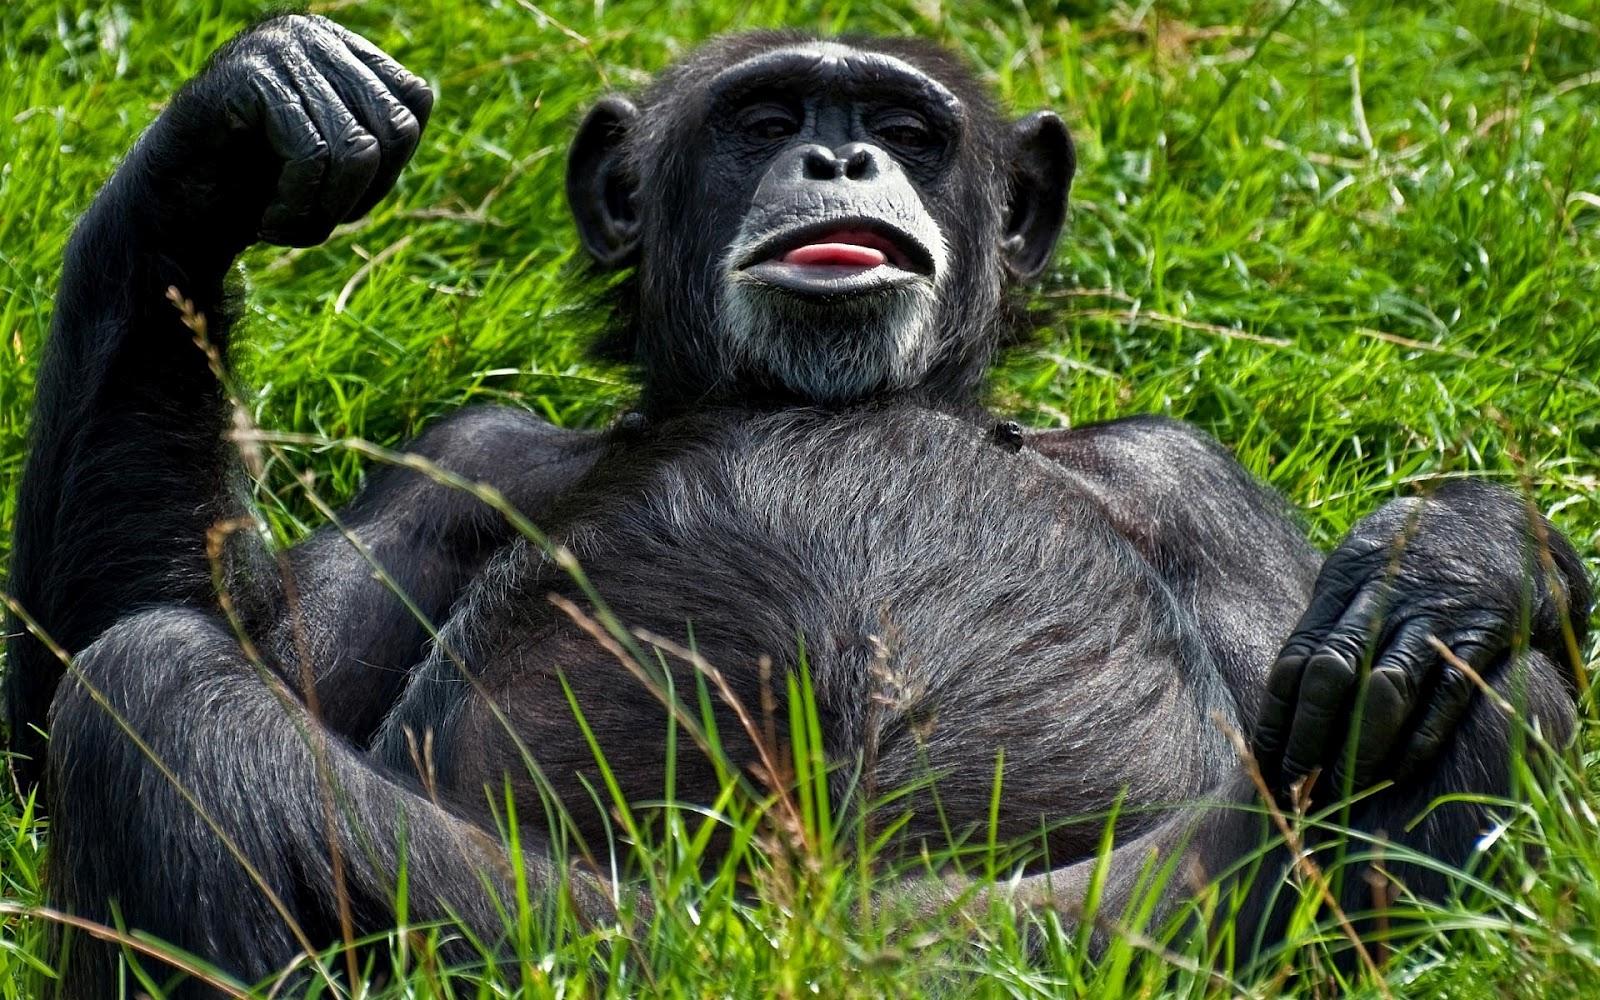 http://3.bp.blogspot.com/-nI_x94WlC3s/UB40RbNwIfI/AAAAAAAAEZM/xUxMdPyiLIc/s1600/hd-apen-achtergrond-met-een-aap-aan-het-relaxen-hd-aap-wallpaper.jpg